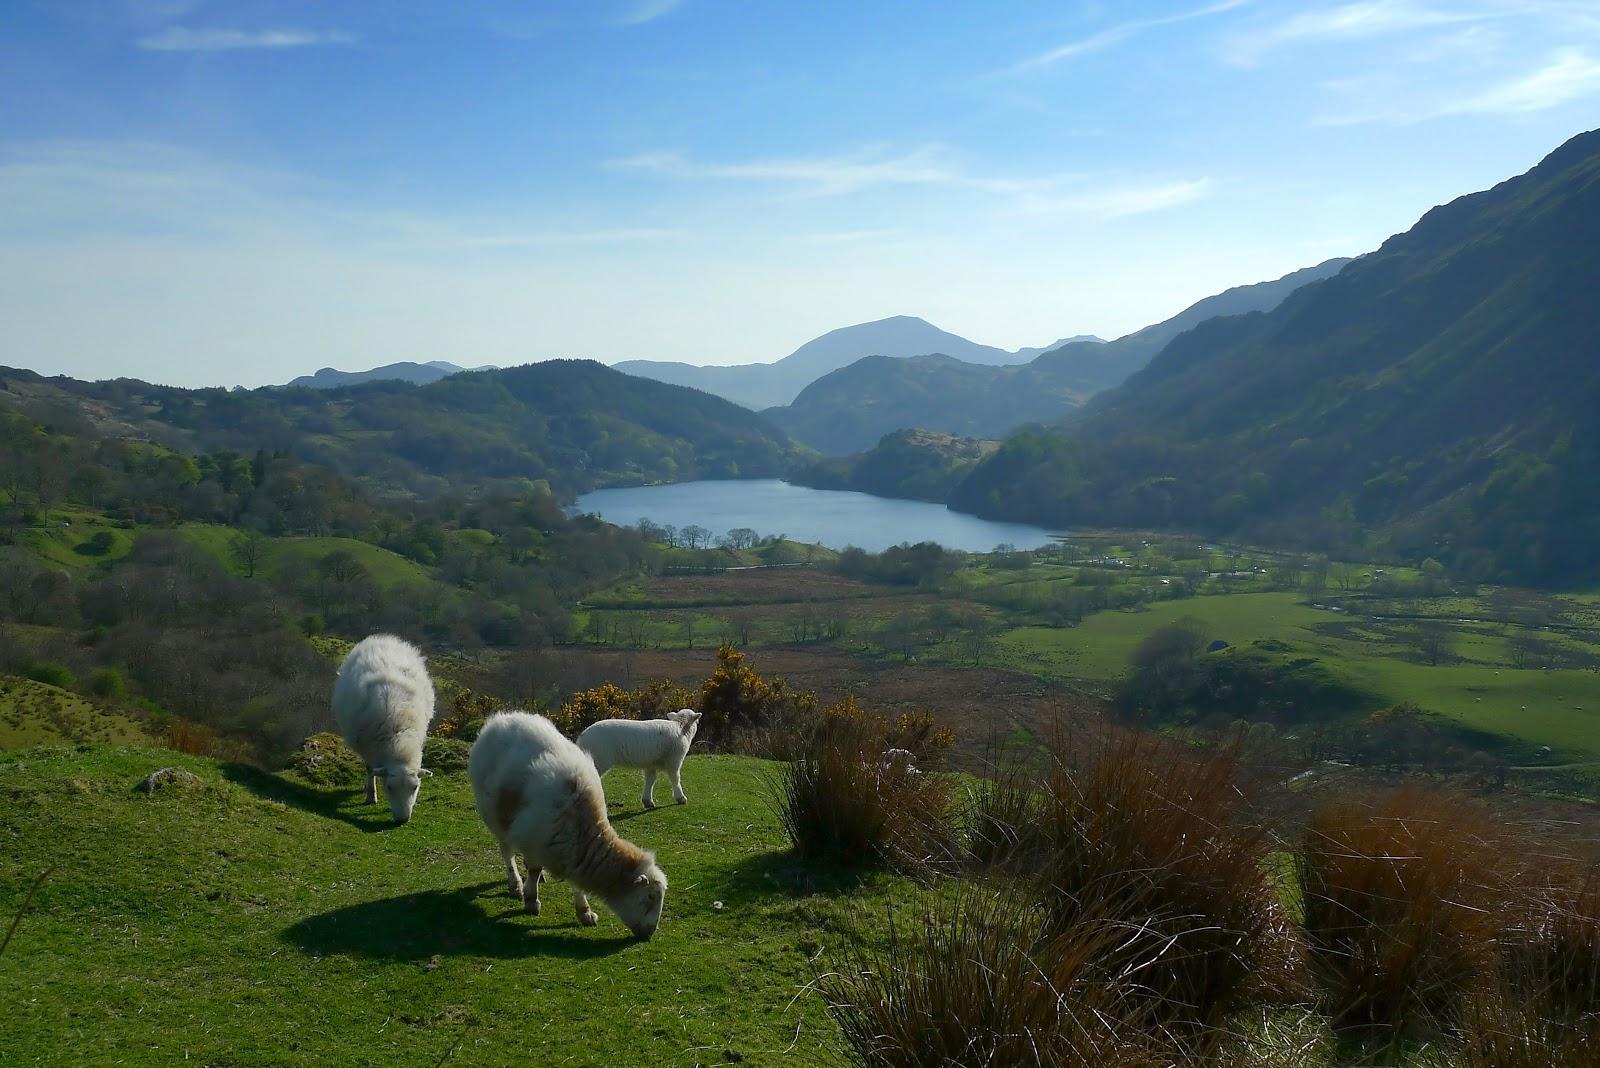 Snowdonia-National-Park-Animal-Photo